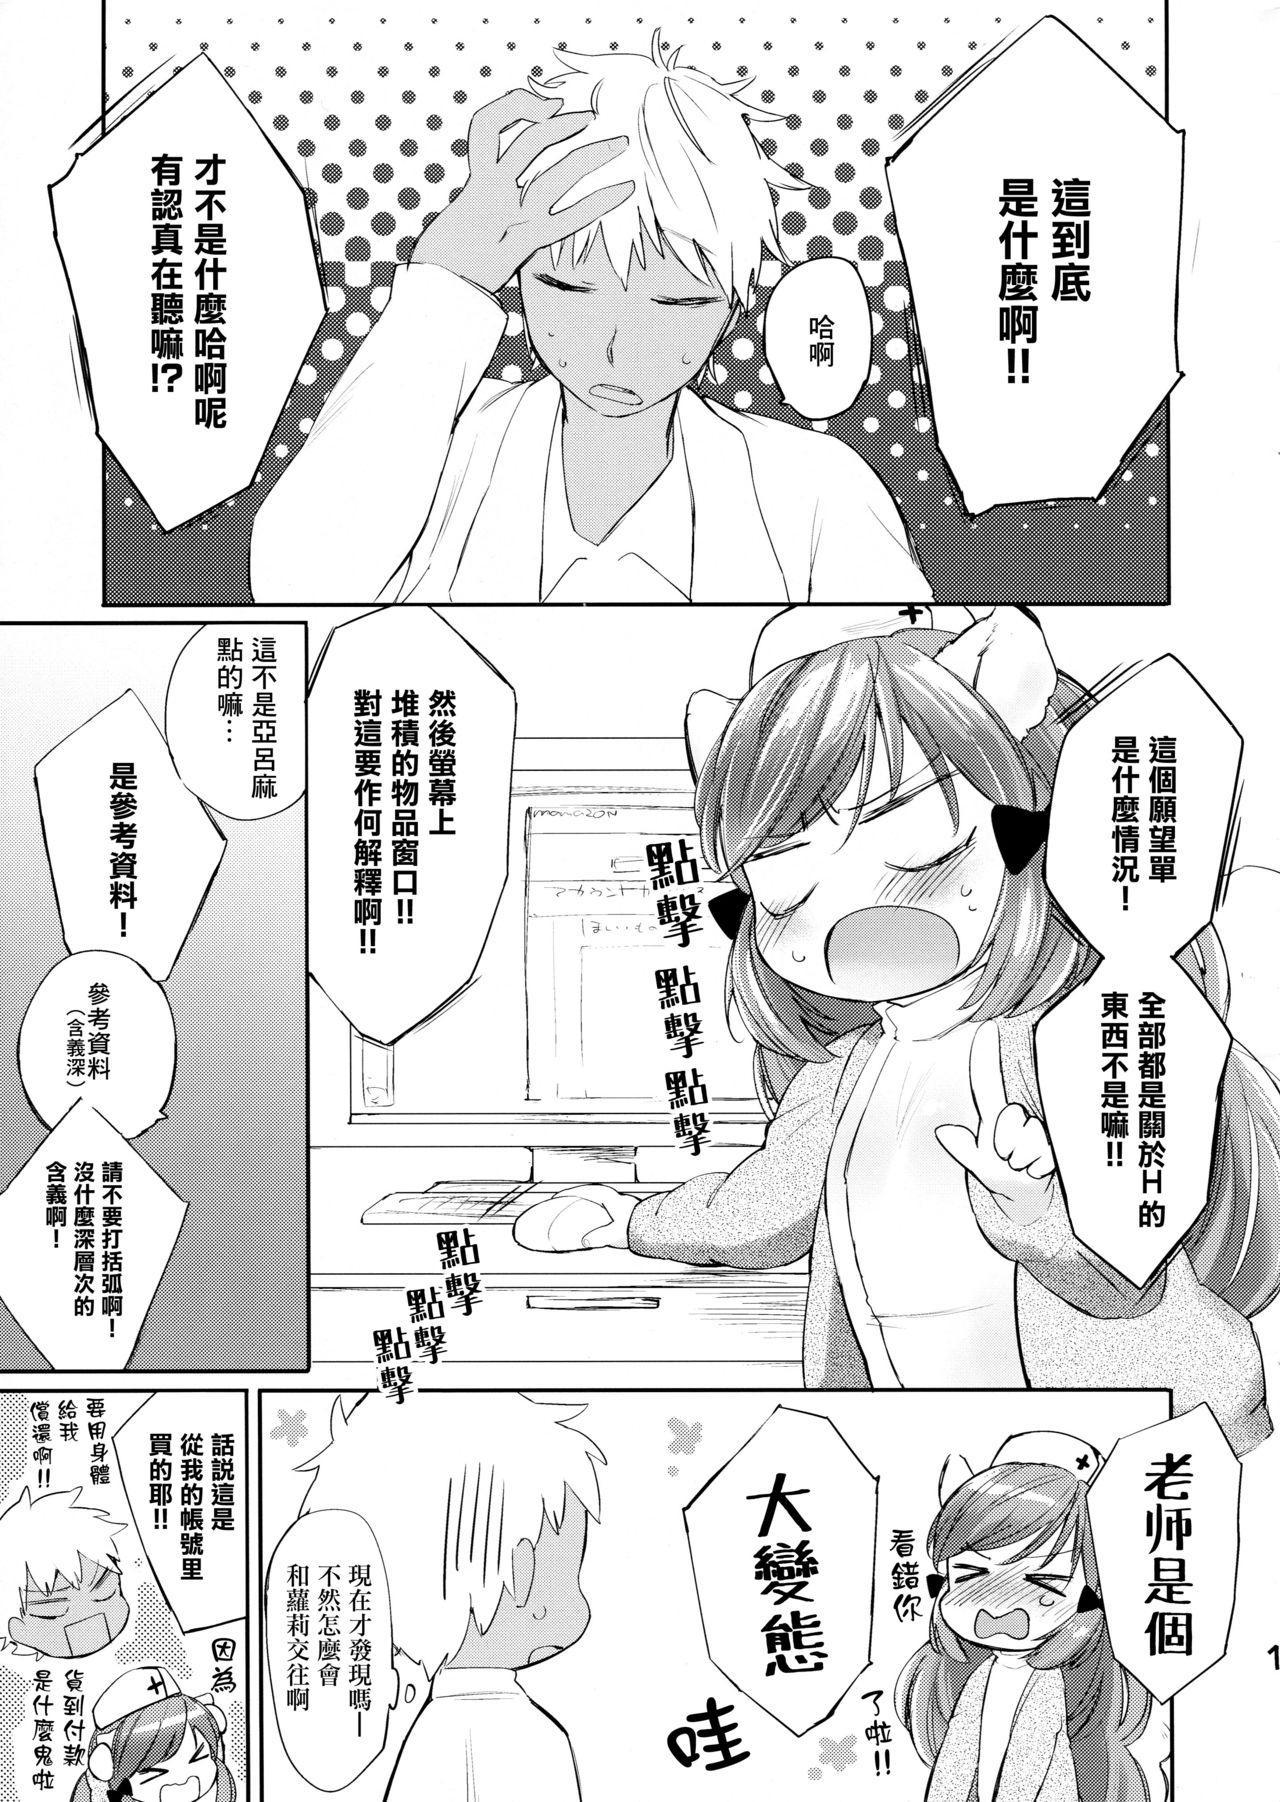 Himitsu no Shinsatsushitsu 1.5 2